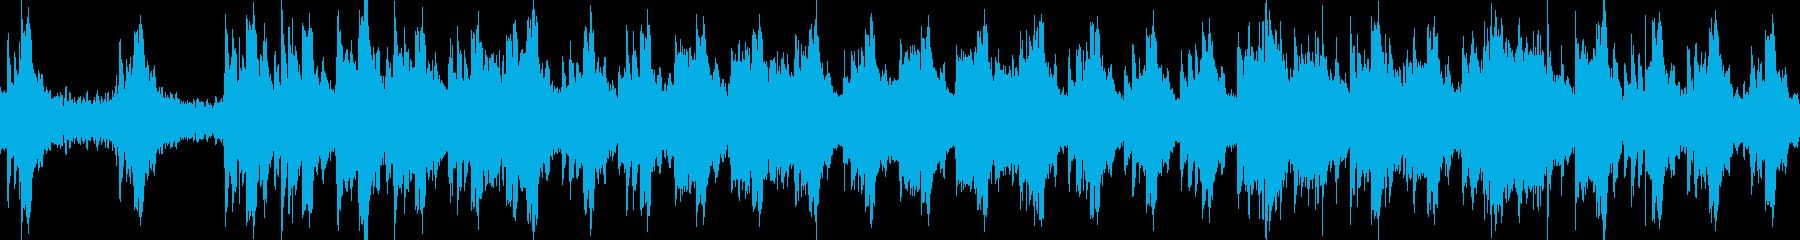 ヒーリング 癒やし ピアノ ハープループの再生済みの波形